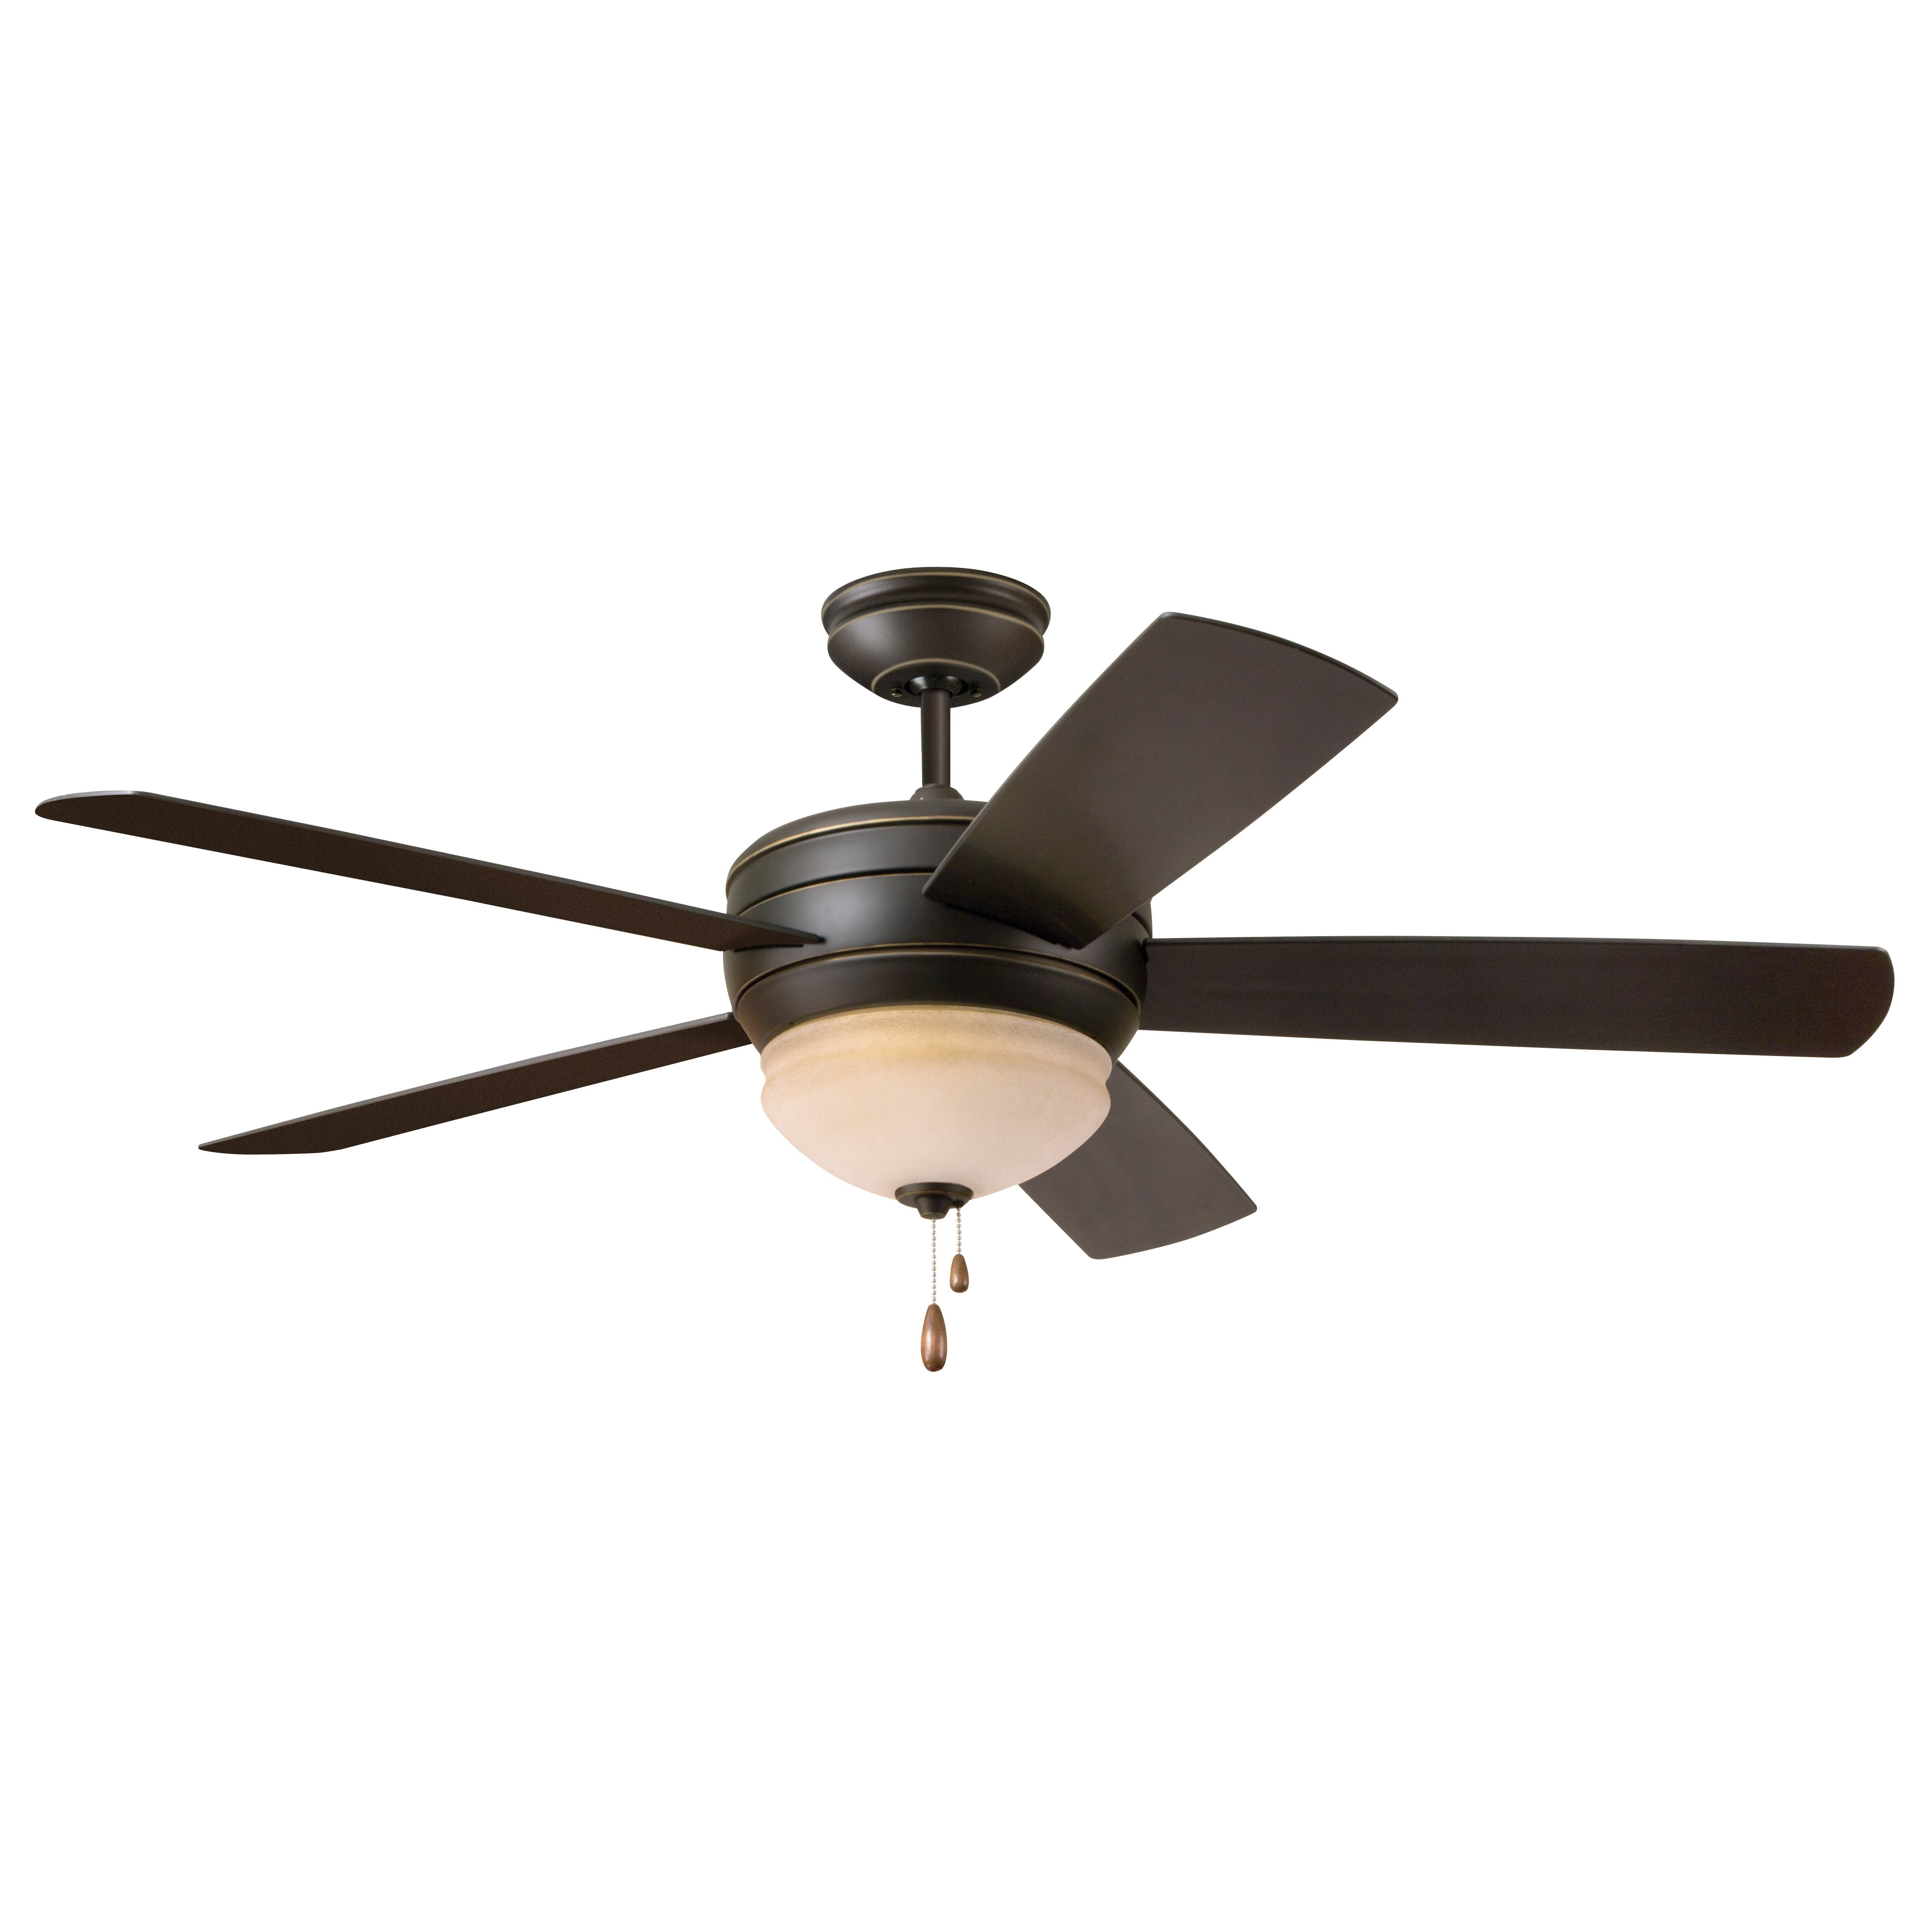 """emerson fans 52"""" summerhaven 5 blade ceiling fan reviews wayfair emerson ceiling fans 52 rdquo summerhaven 5 blade ceiling fan"""